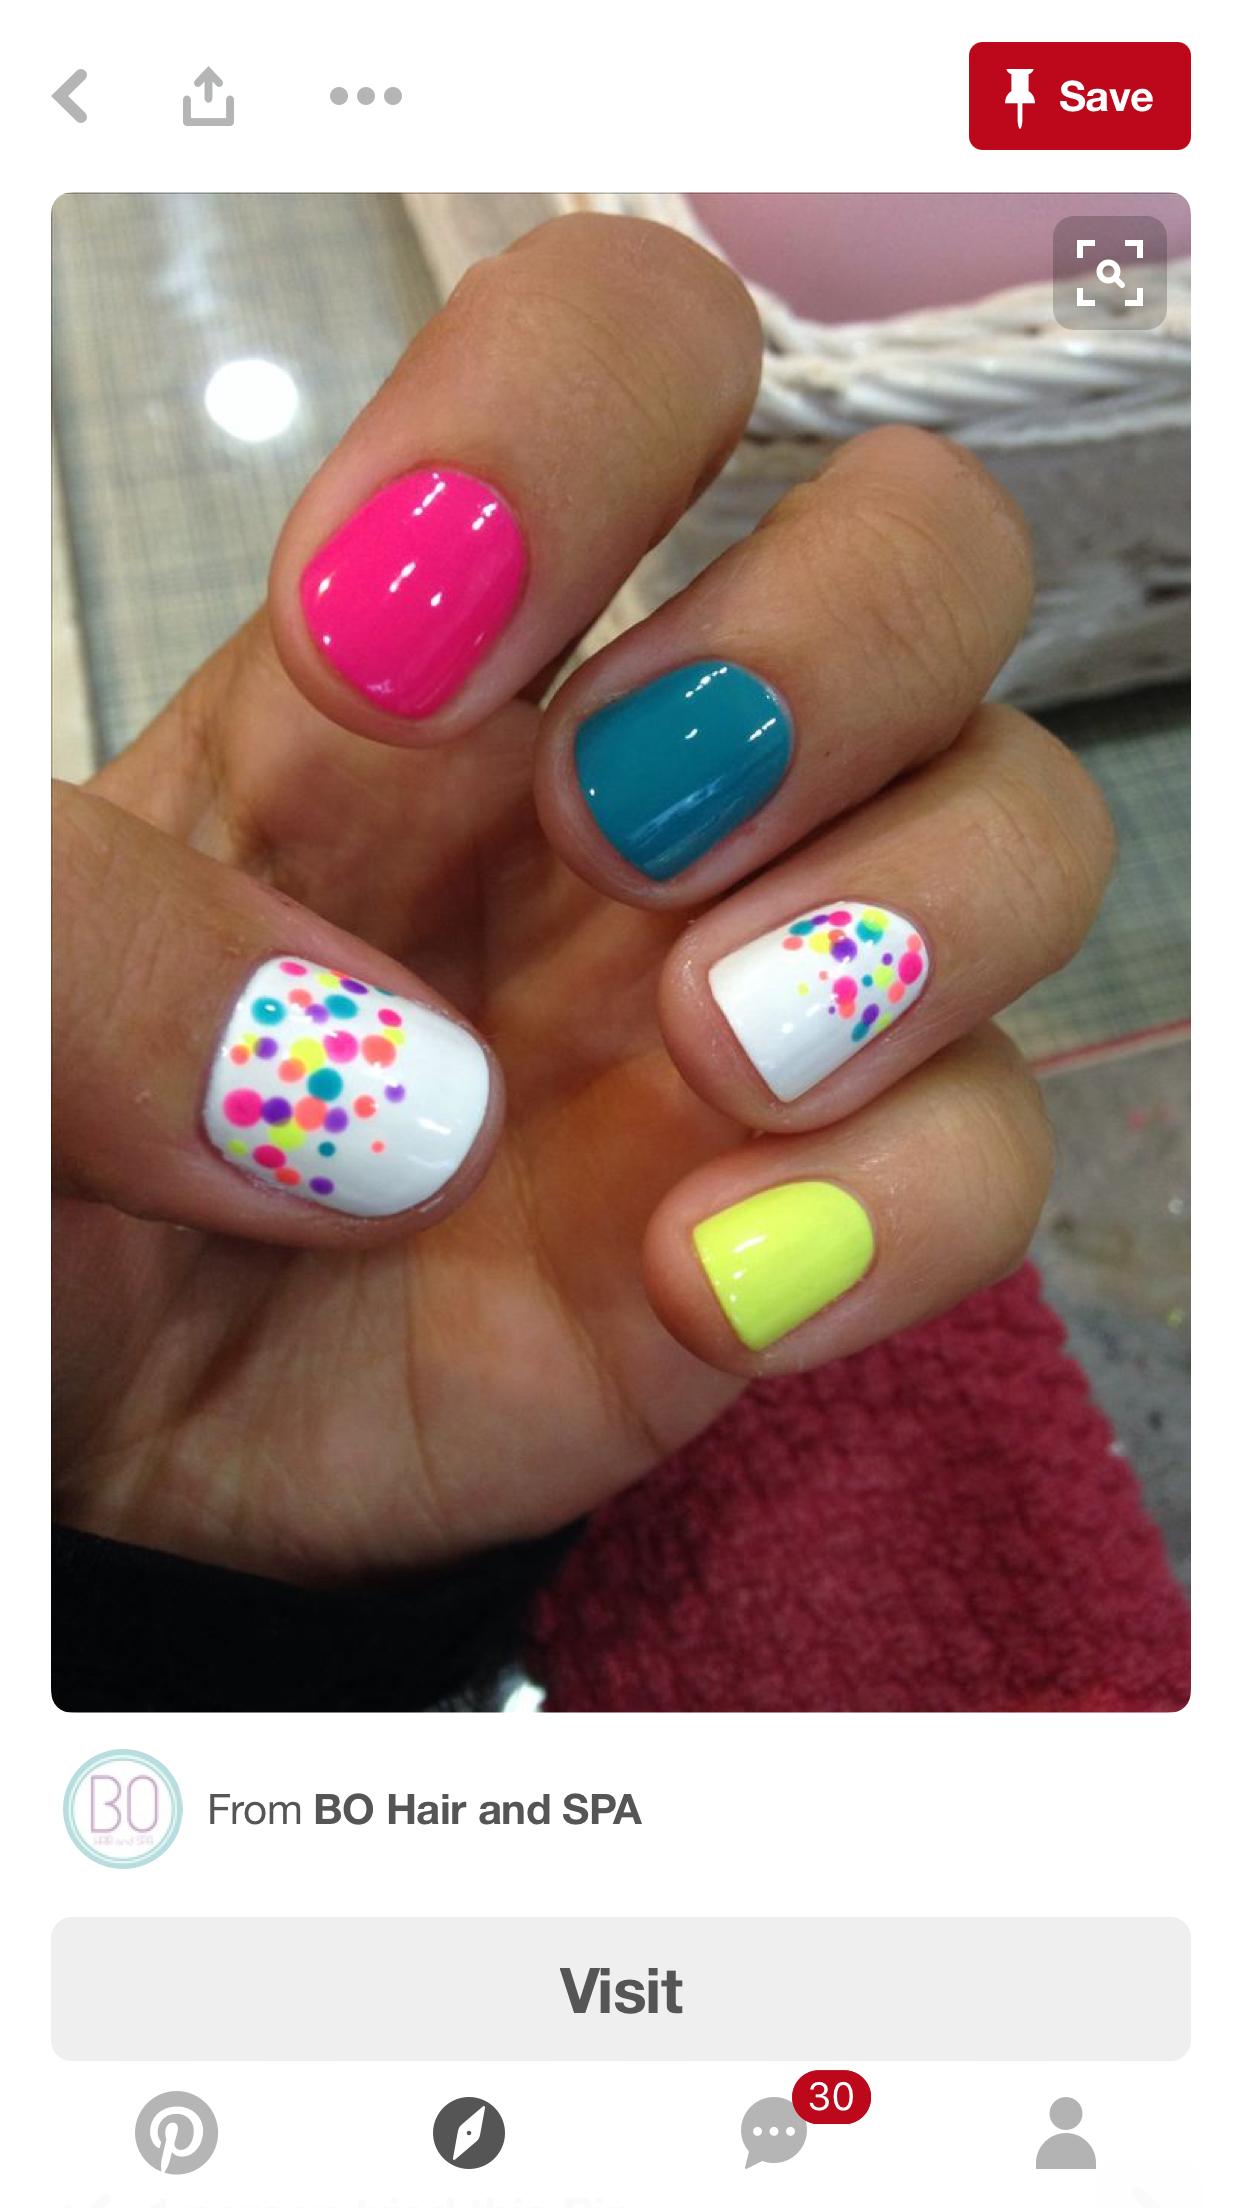 Pin by Megan Klug on Nails | Pinterest | Make up, Nail nail and Manicure